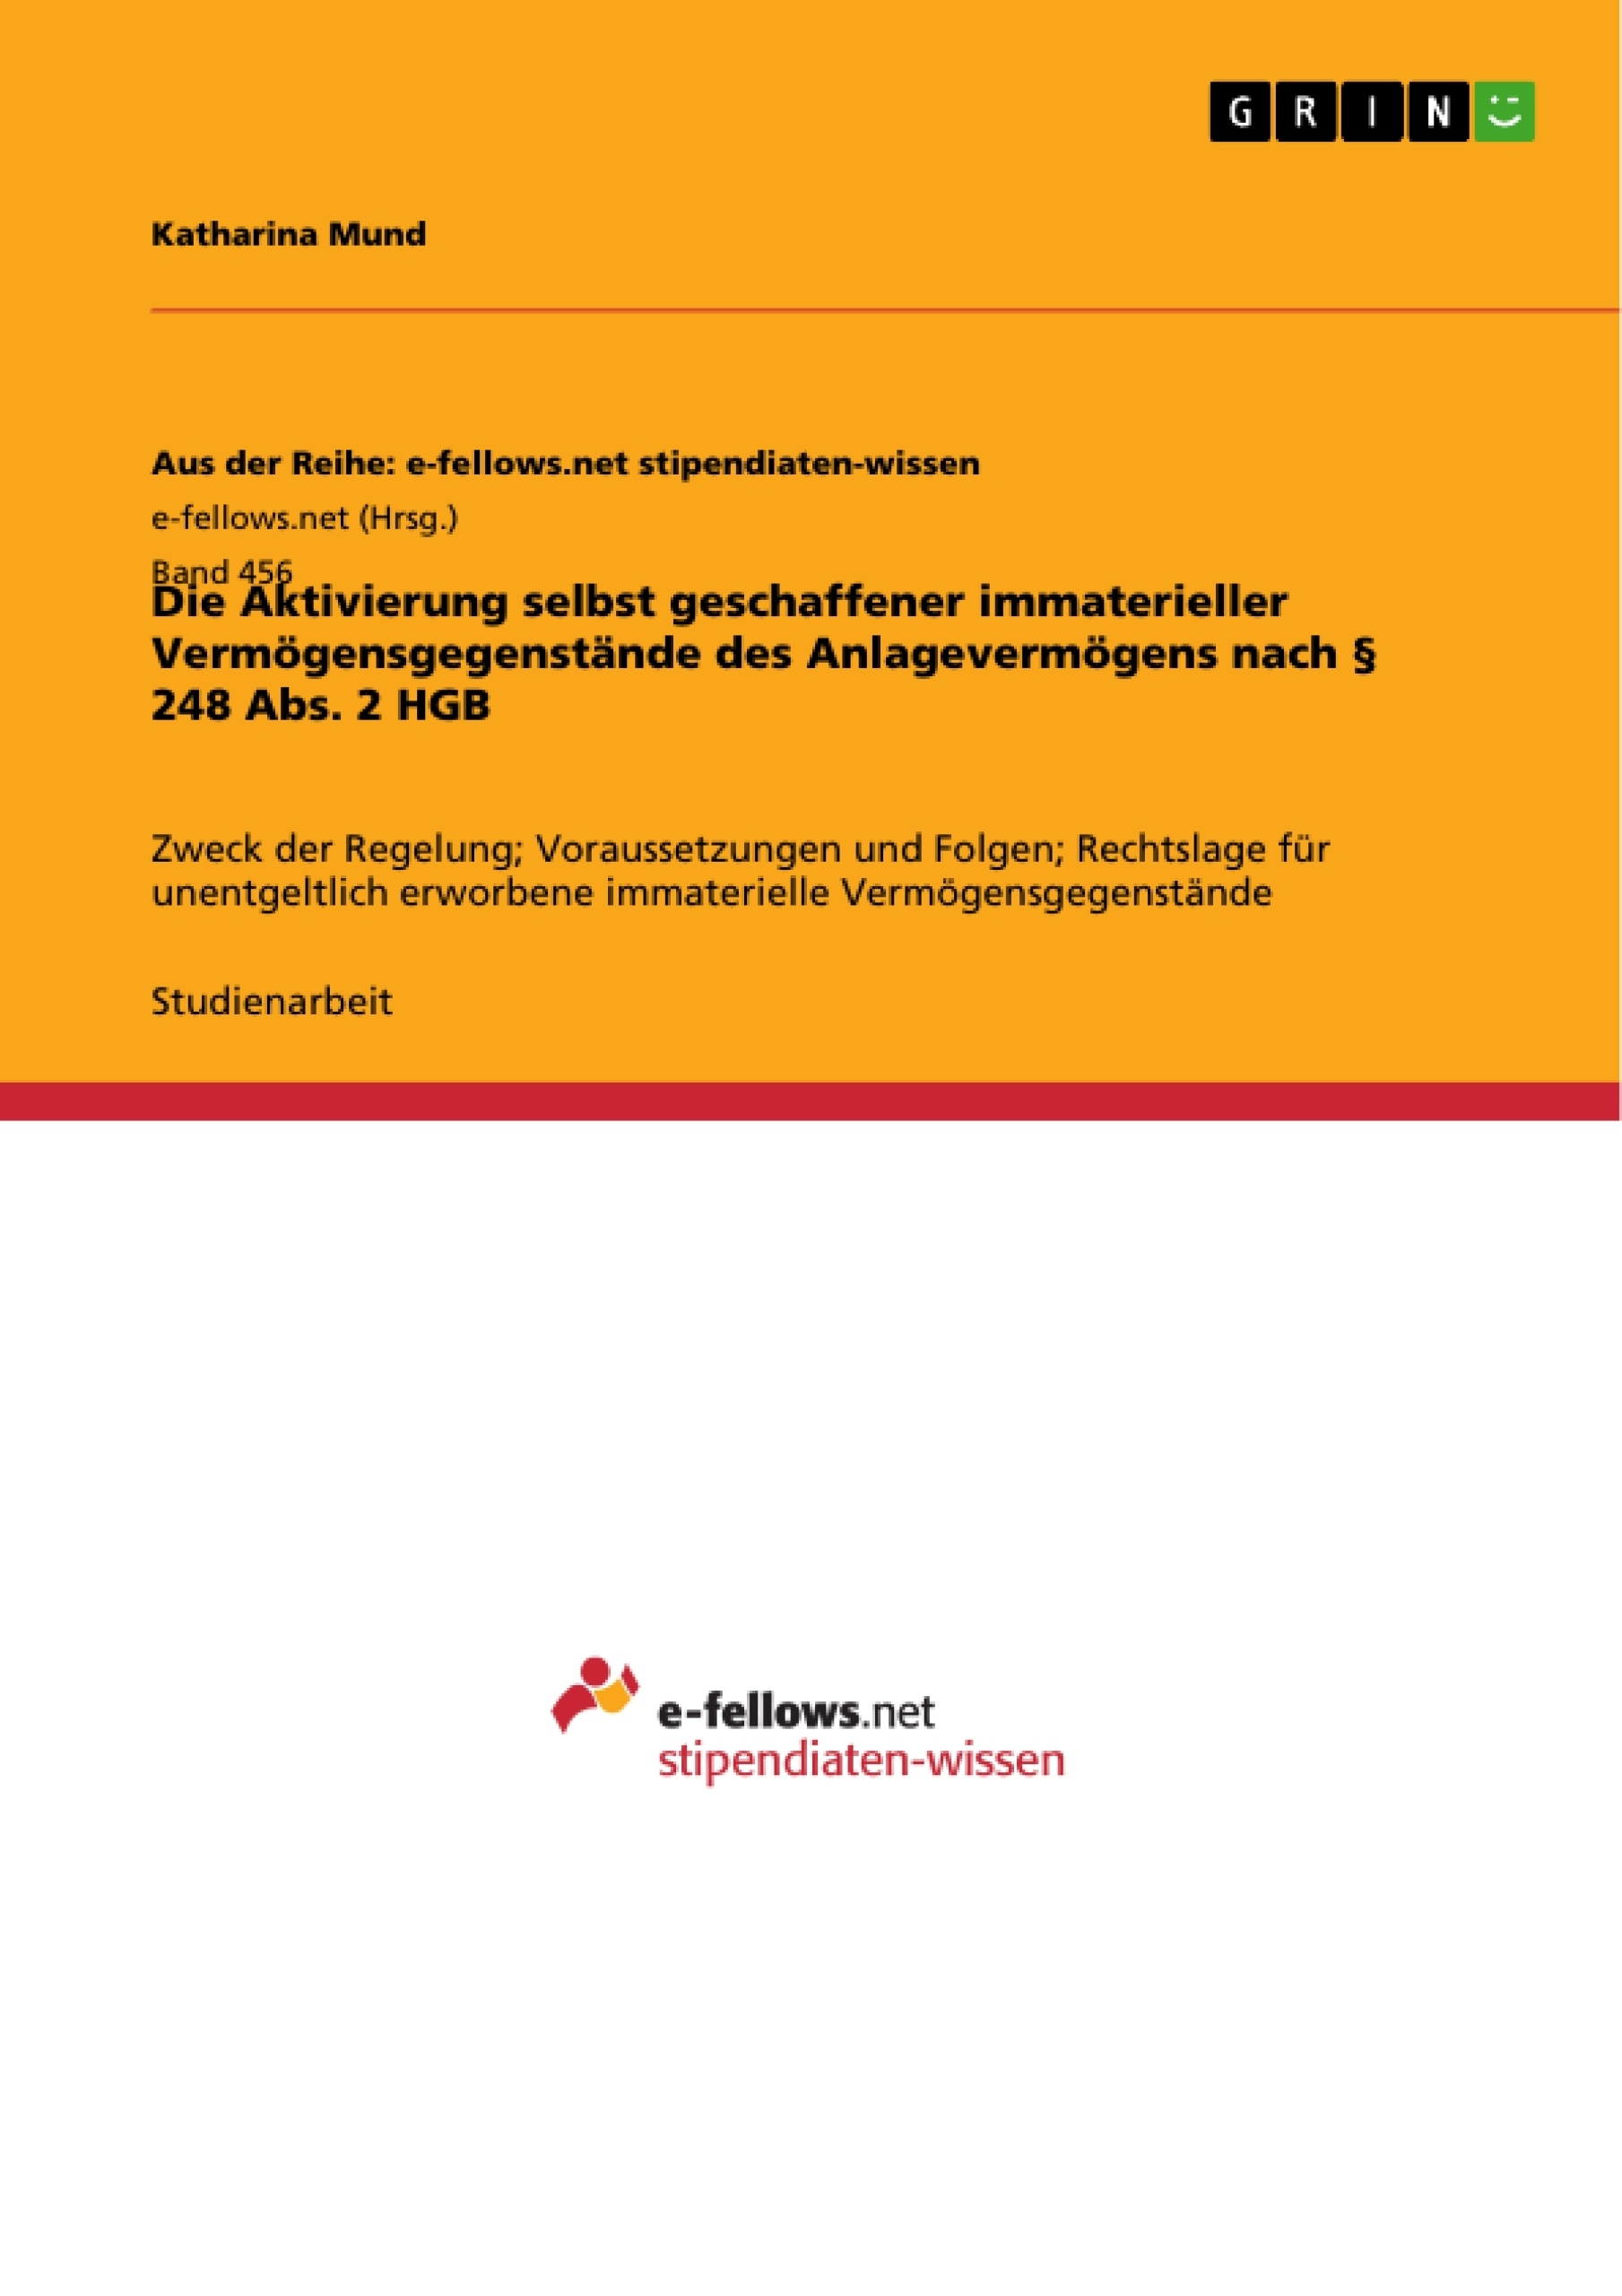 Titel: Die Aktivierung selbst geschaffener immaterieller Vermögensgegenstände des Anlagevermögens nach § 248 Abs. 2 HGB